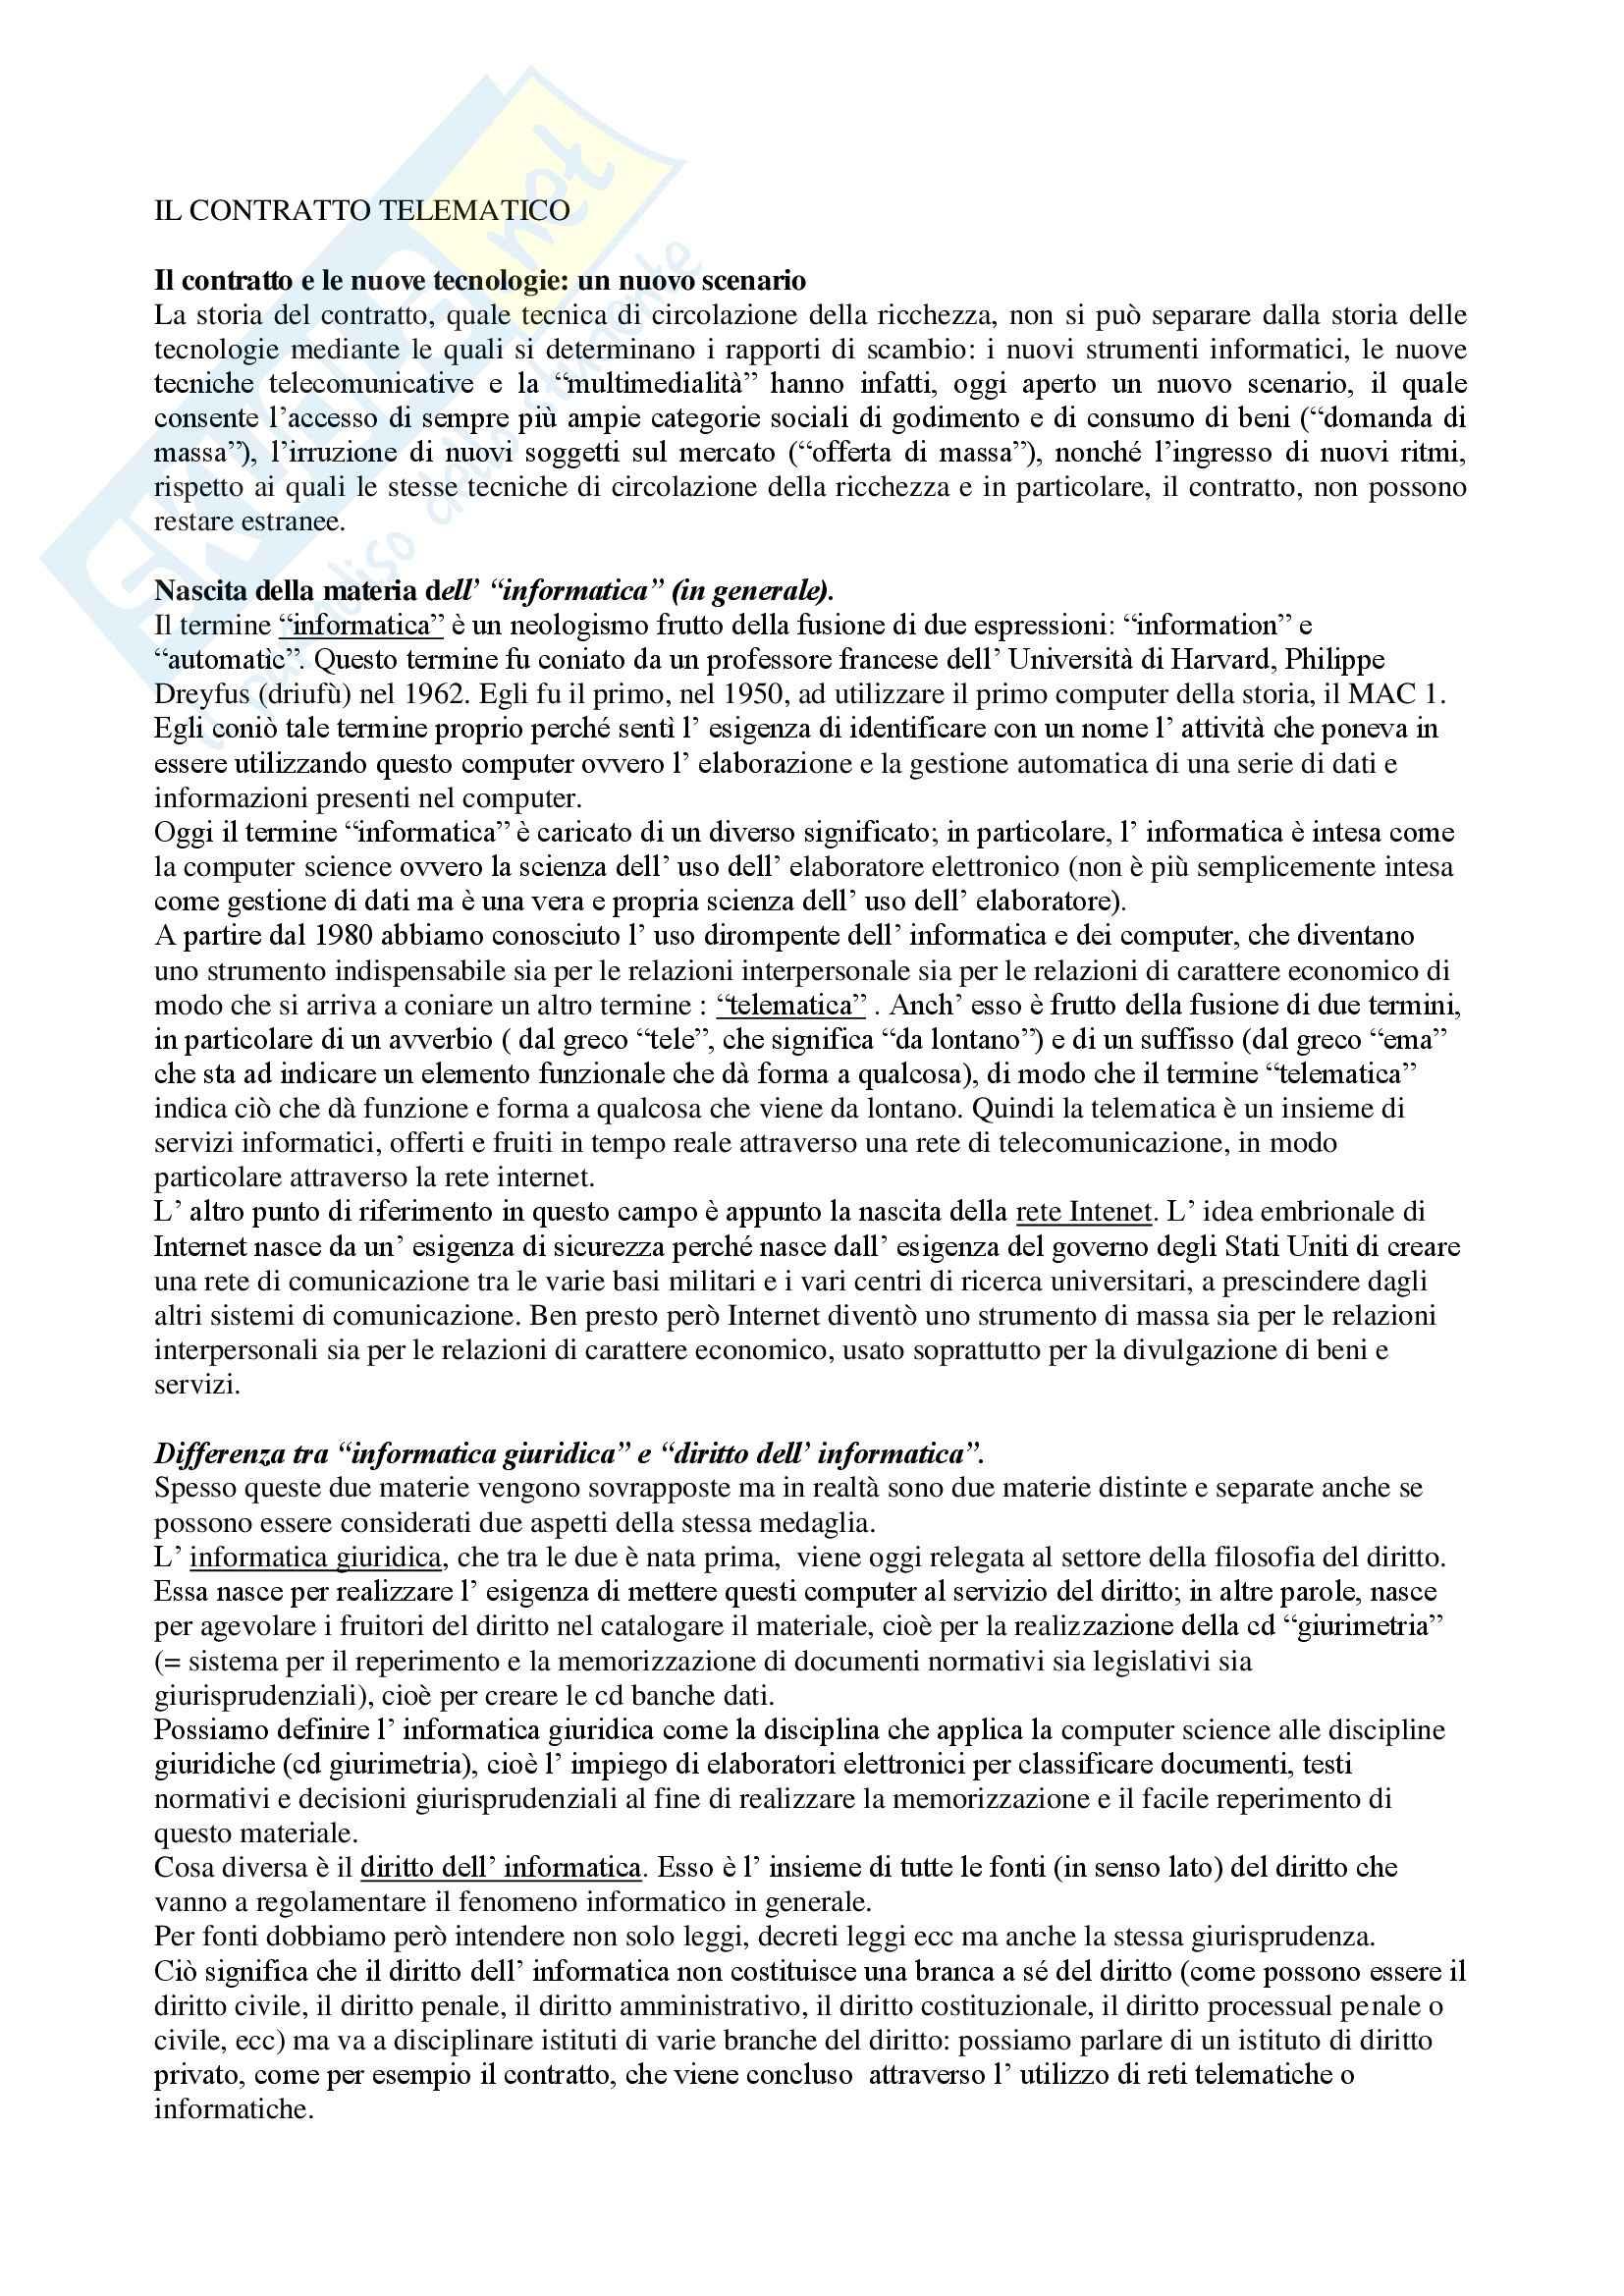 Contratto telematico, Diritto dell'informatica